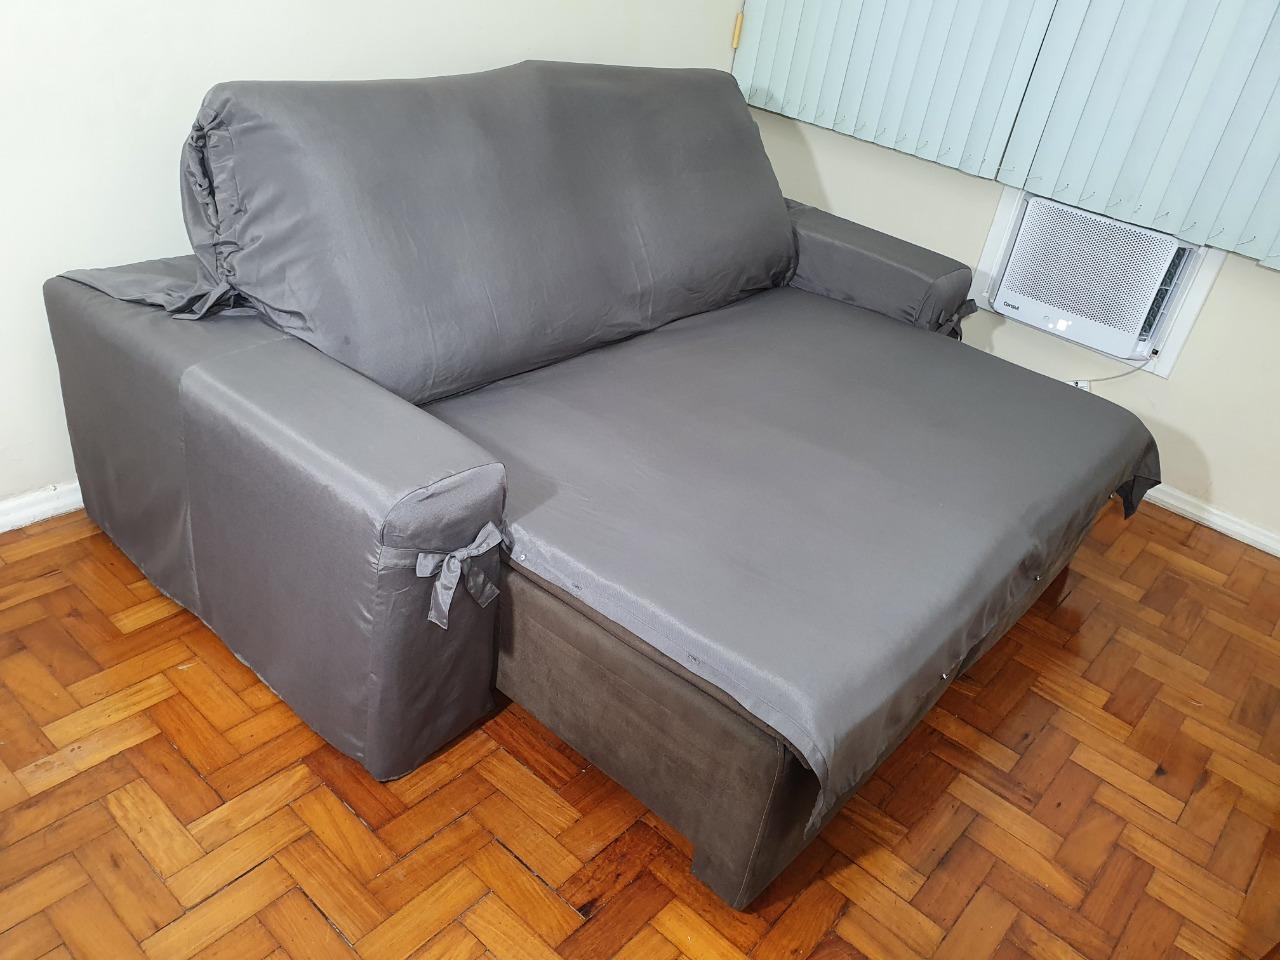 Capa p/ Sofá Retrátil e Reclinável em GORGURÃO  GRAFITE - Veste Sofás de 1,50m até 1,95m